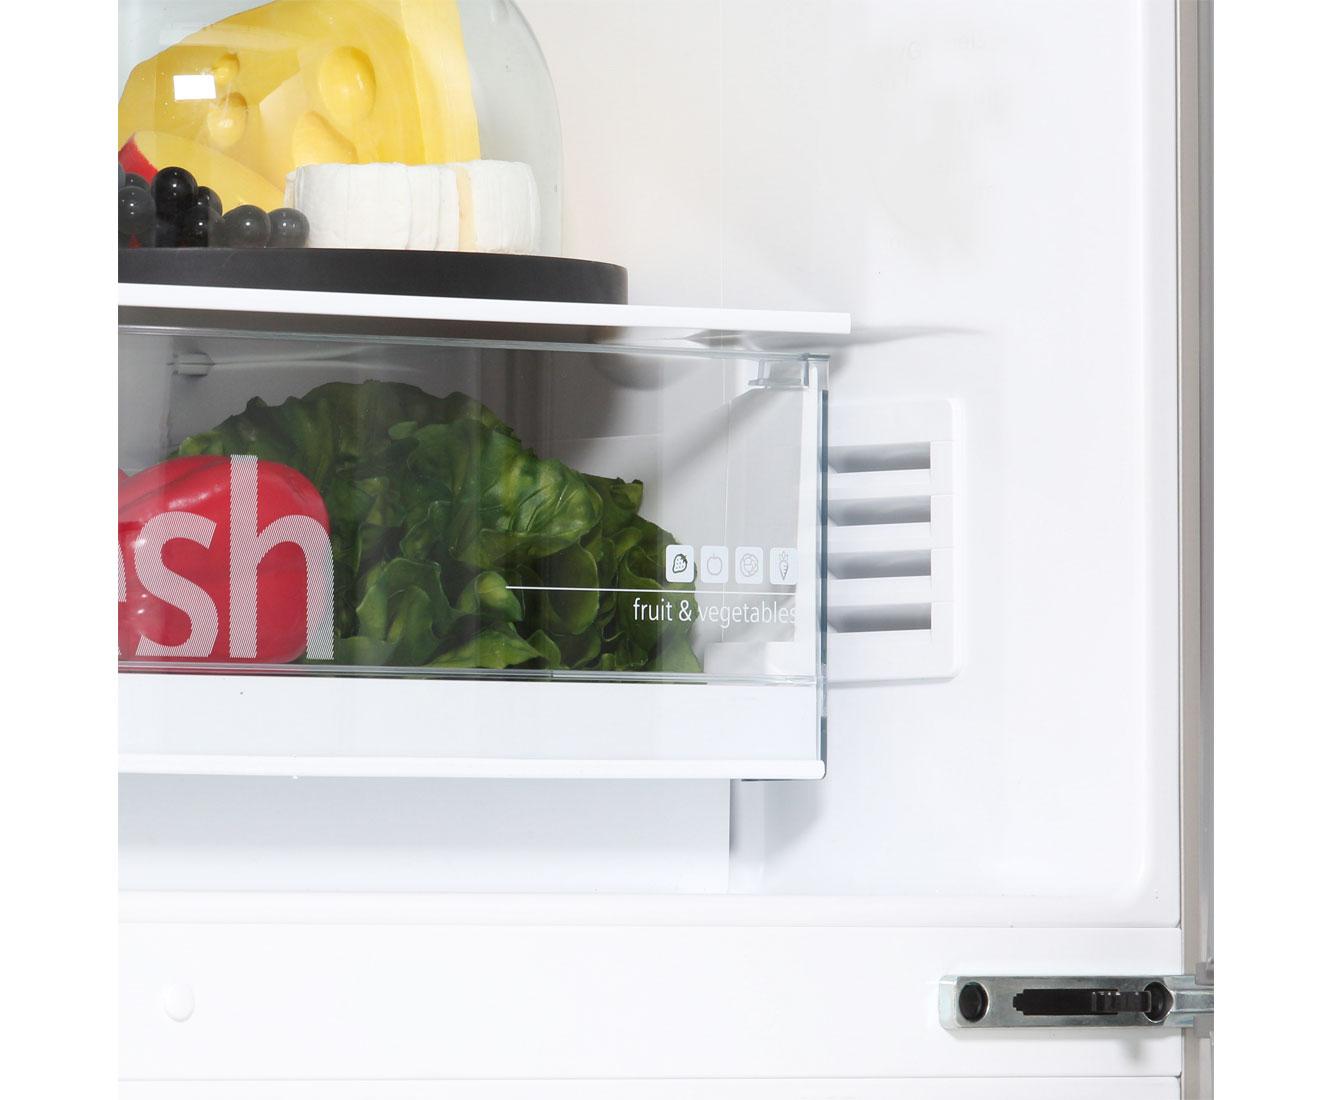 Siemens Kühlschrank Optimale Temperatur : Siemens kühlschrank temperatur einstellen u2014 hindu tube